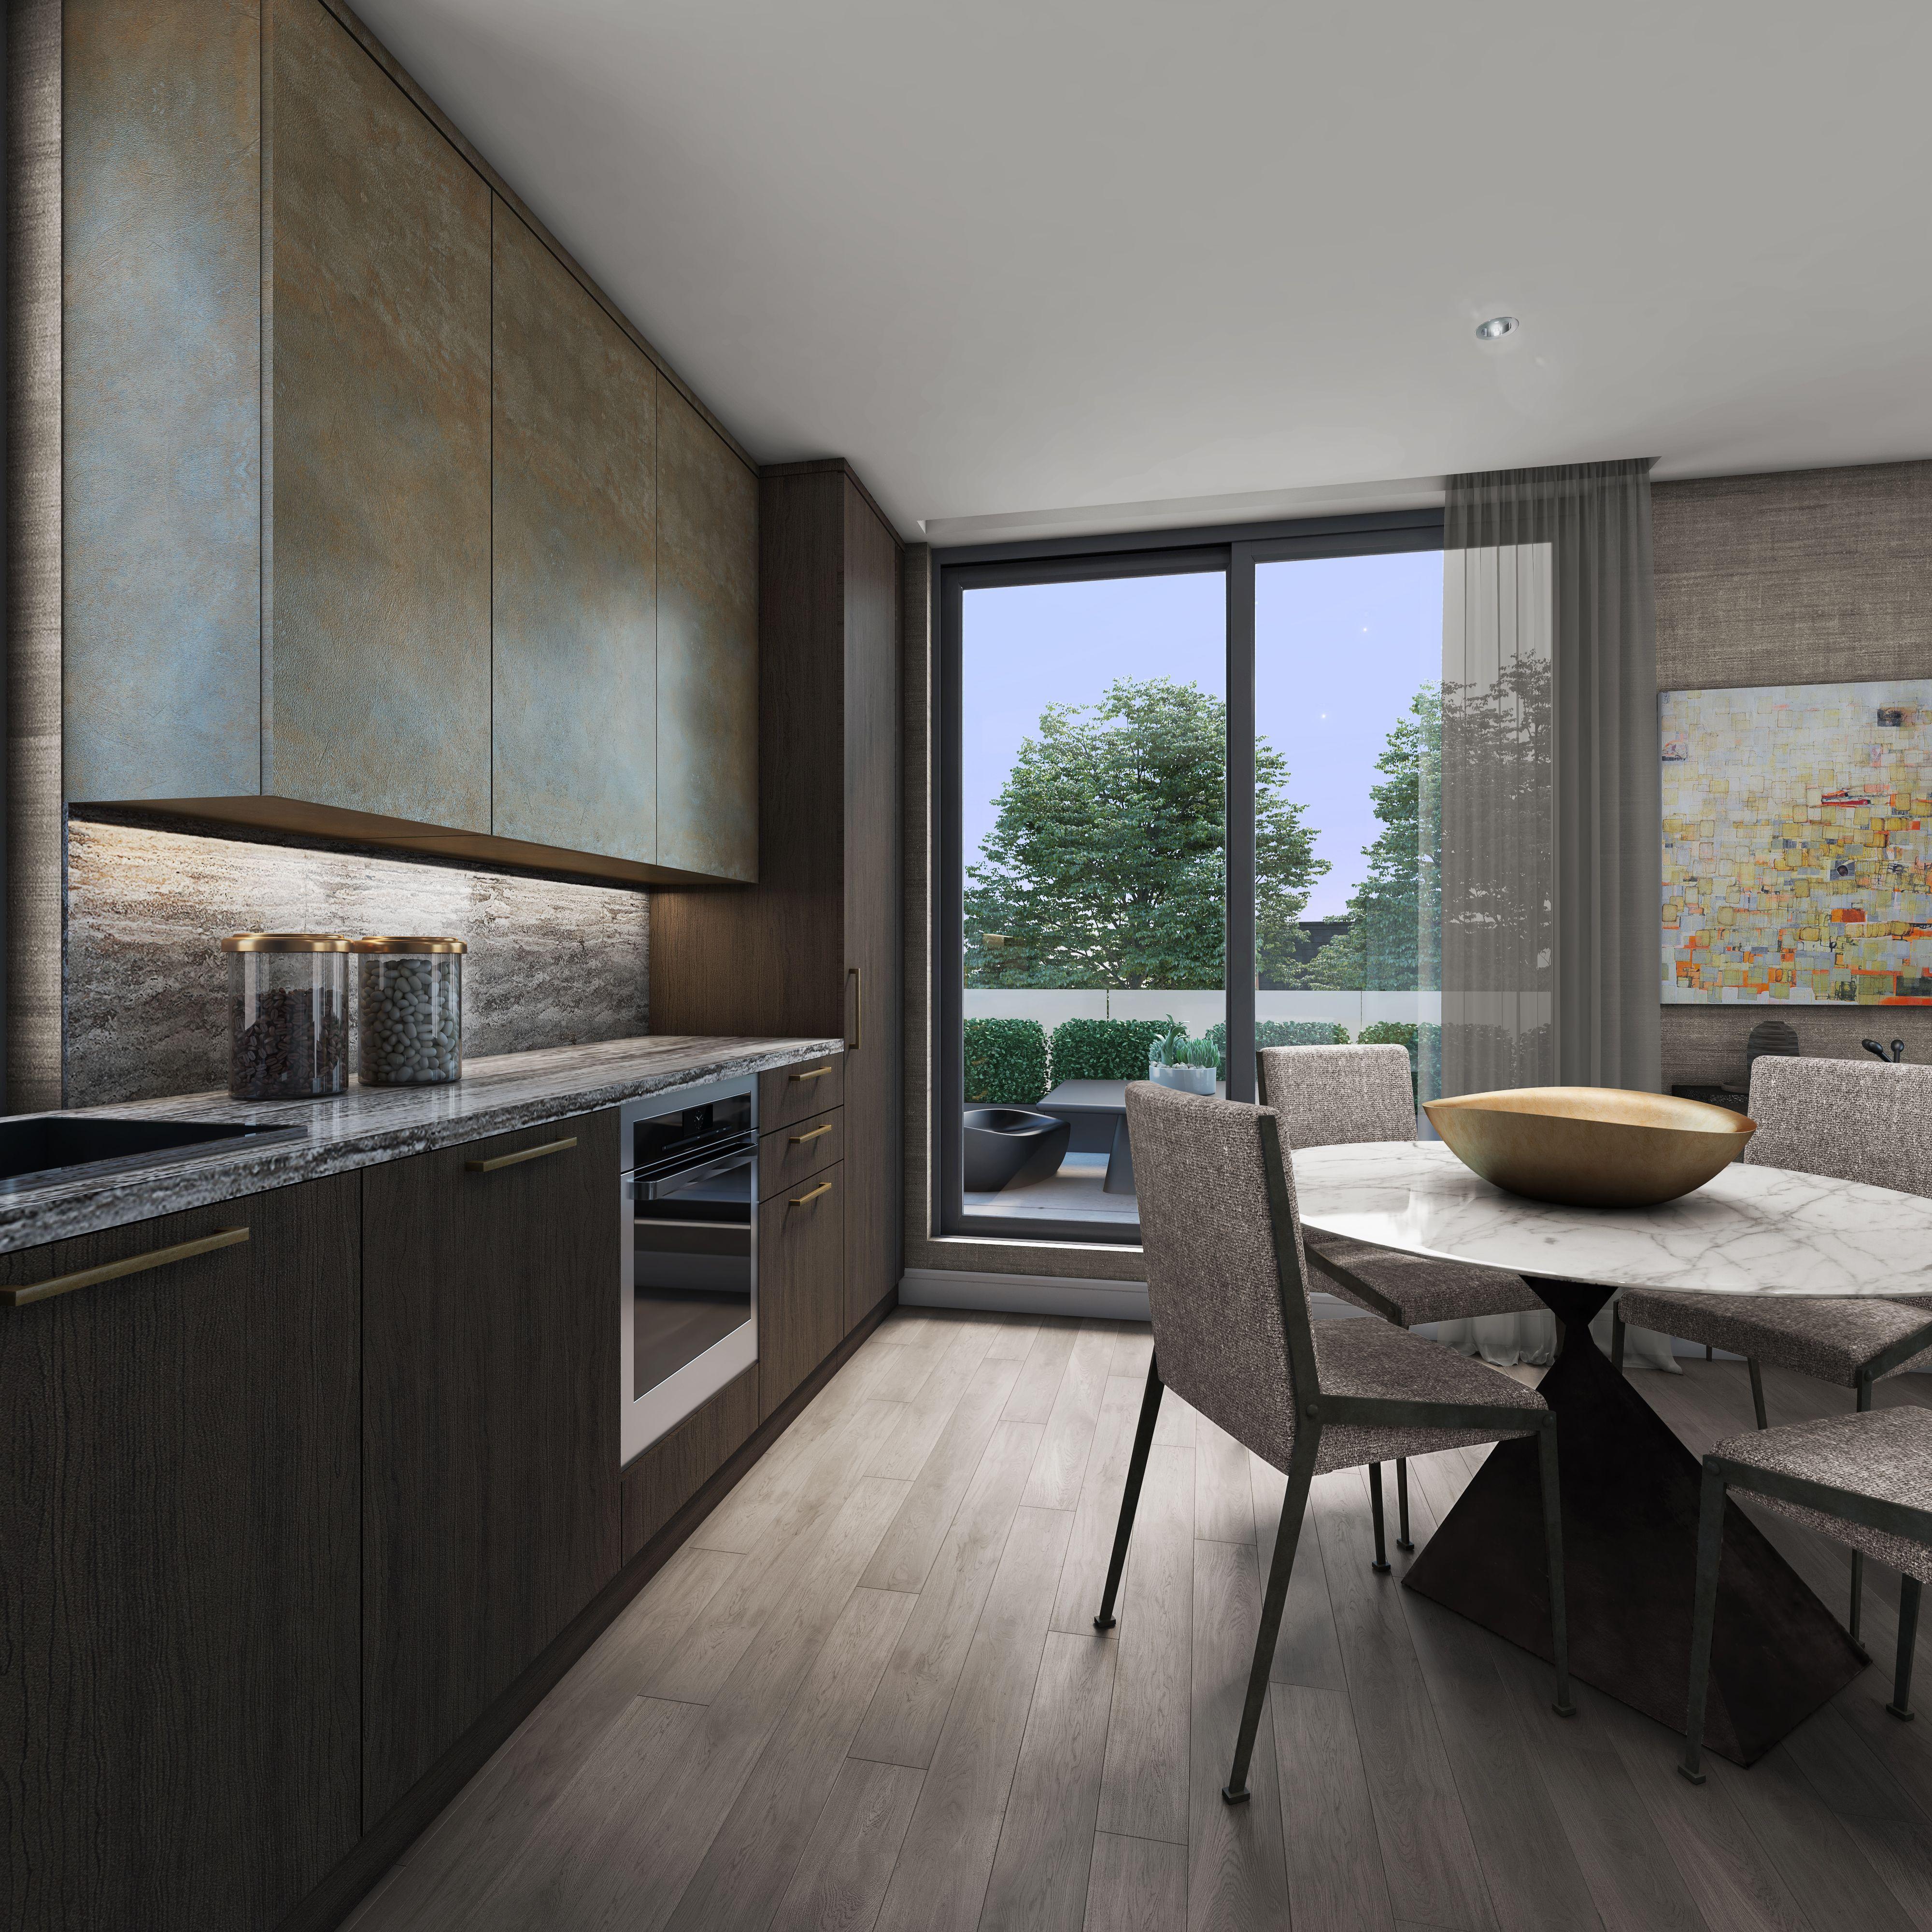 Larden Hall in 2020 | New kitchen designs, Kitchen